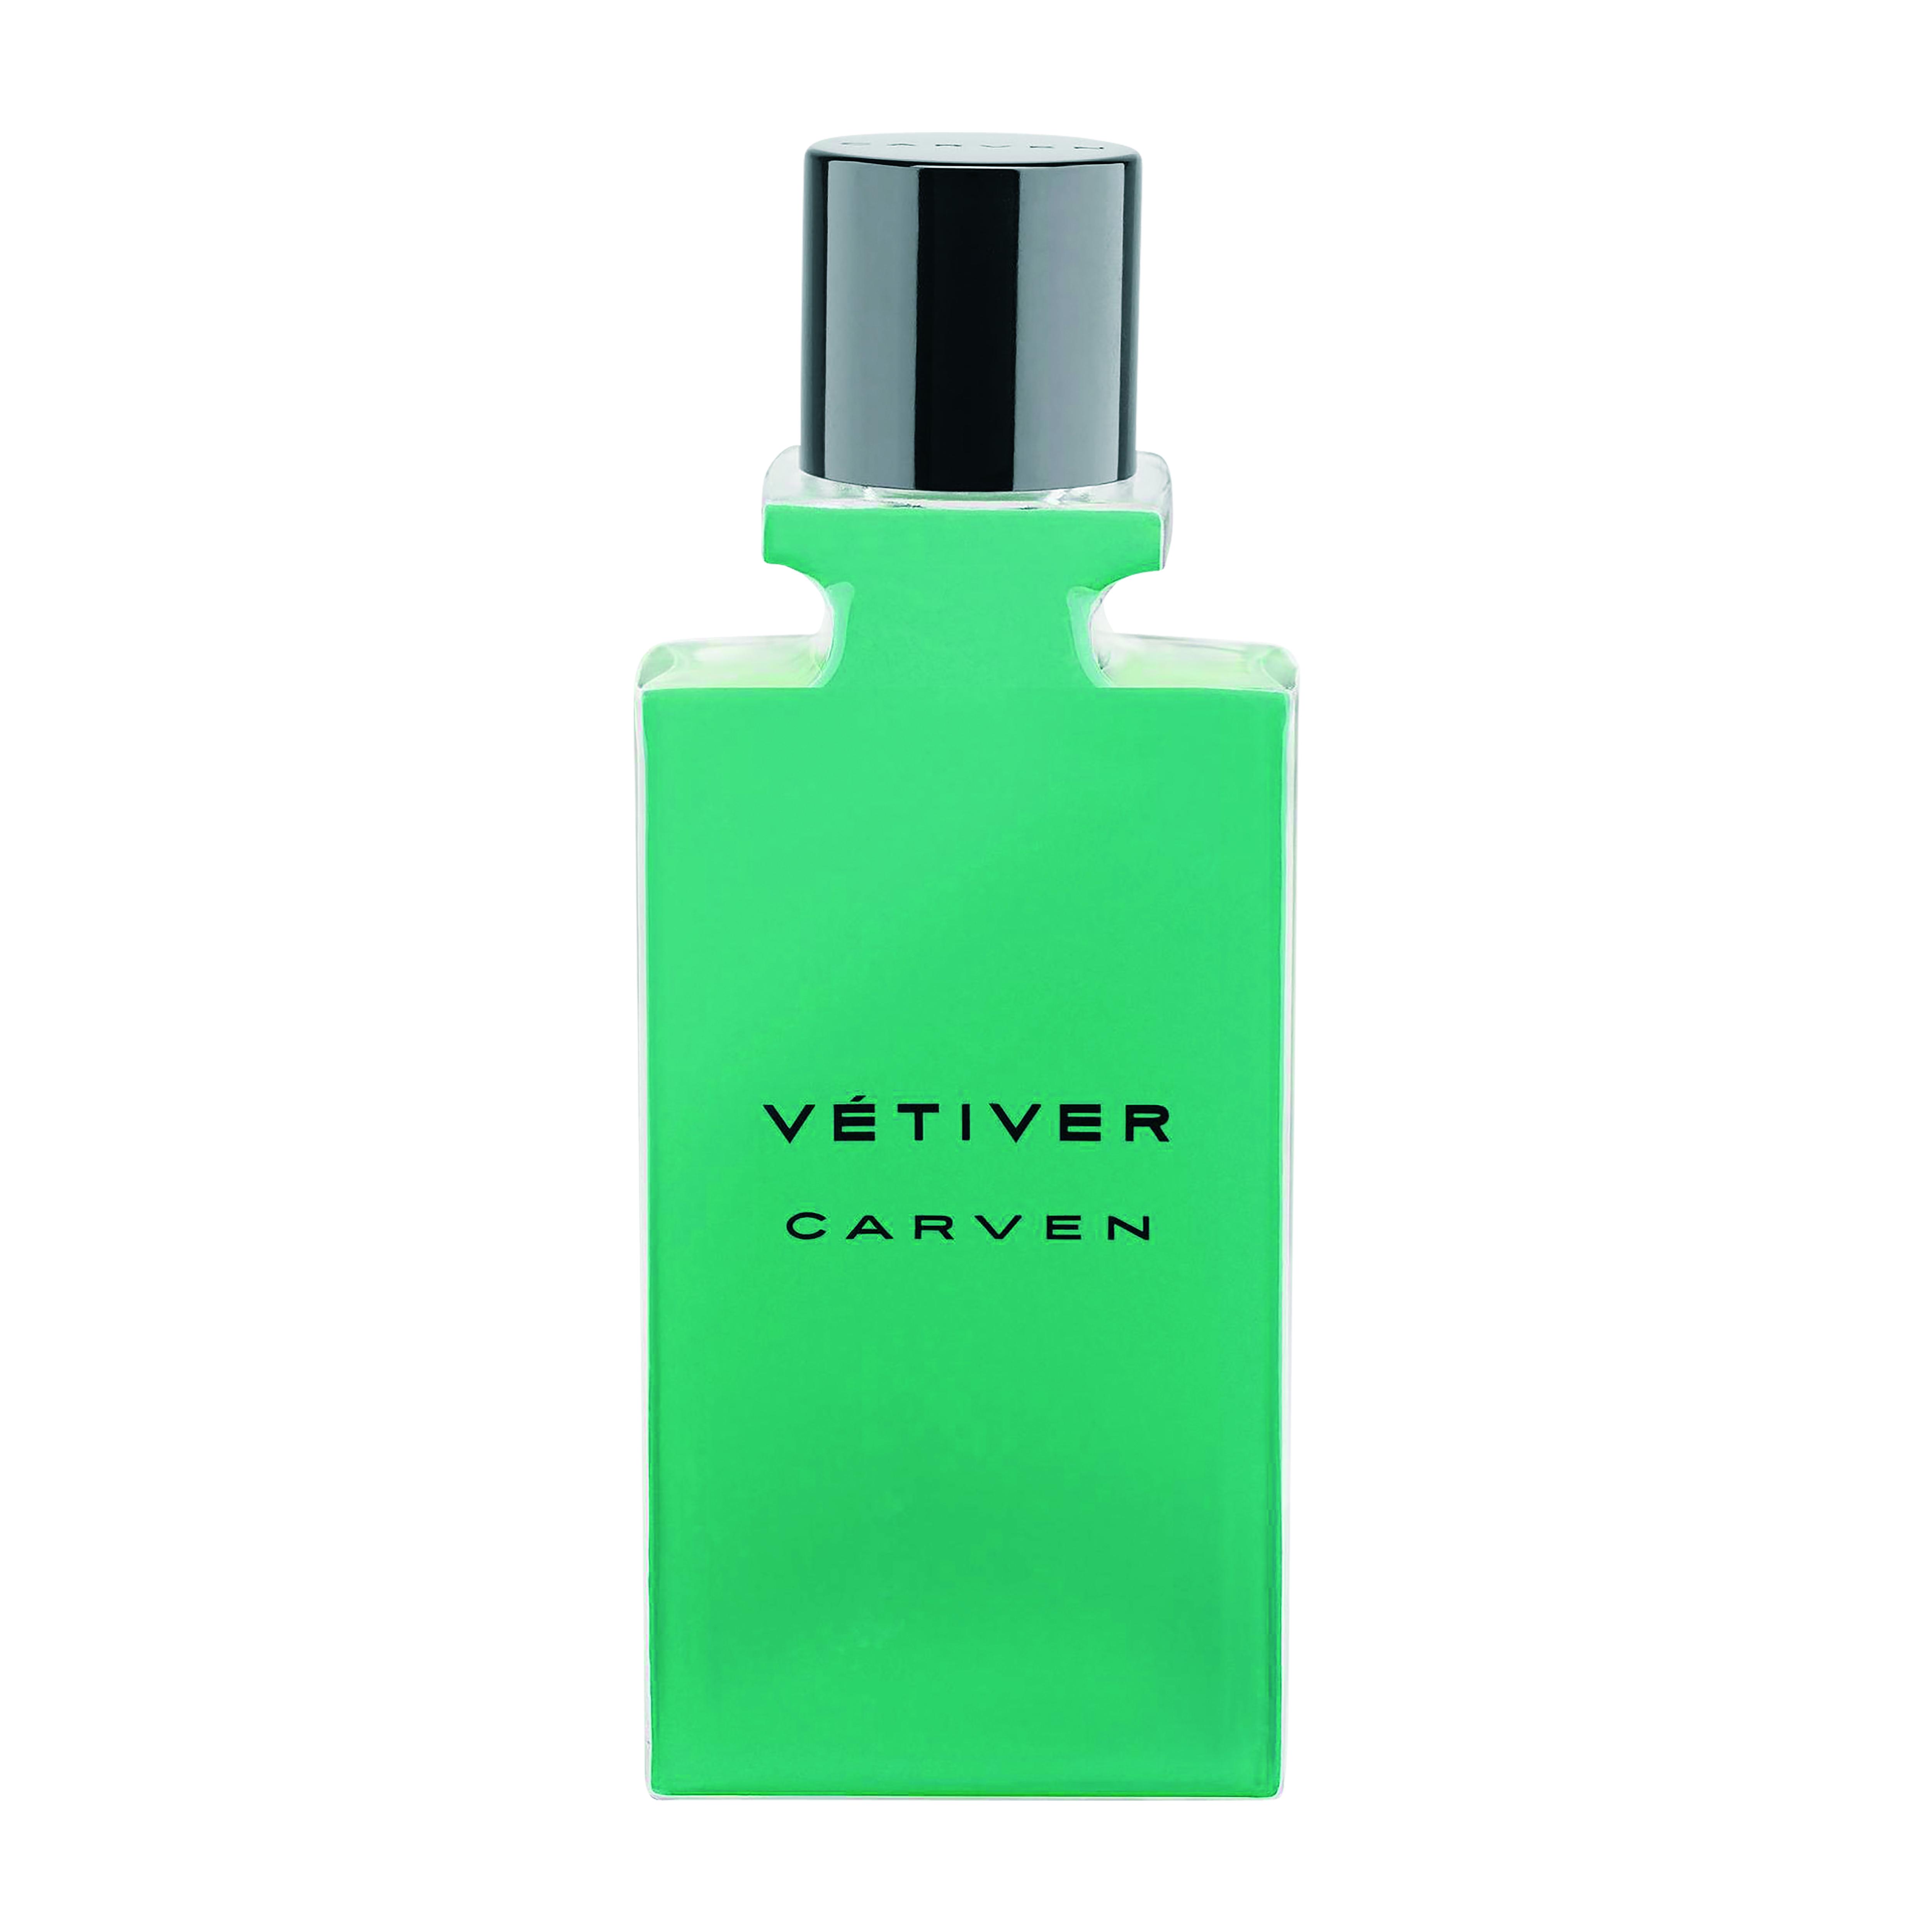 Carven Vétiver EDT, 50 ml